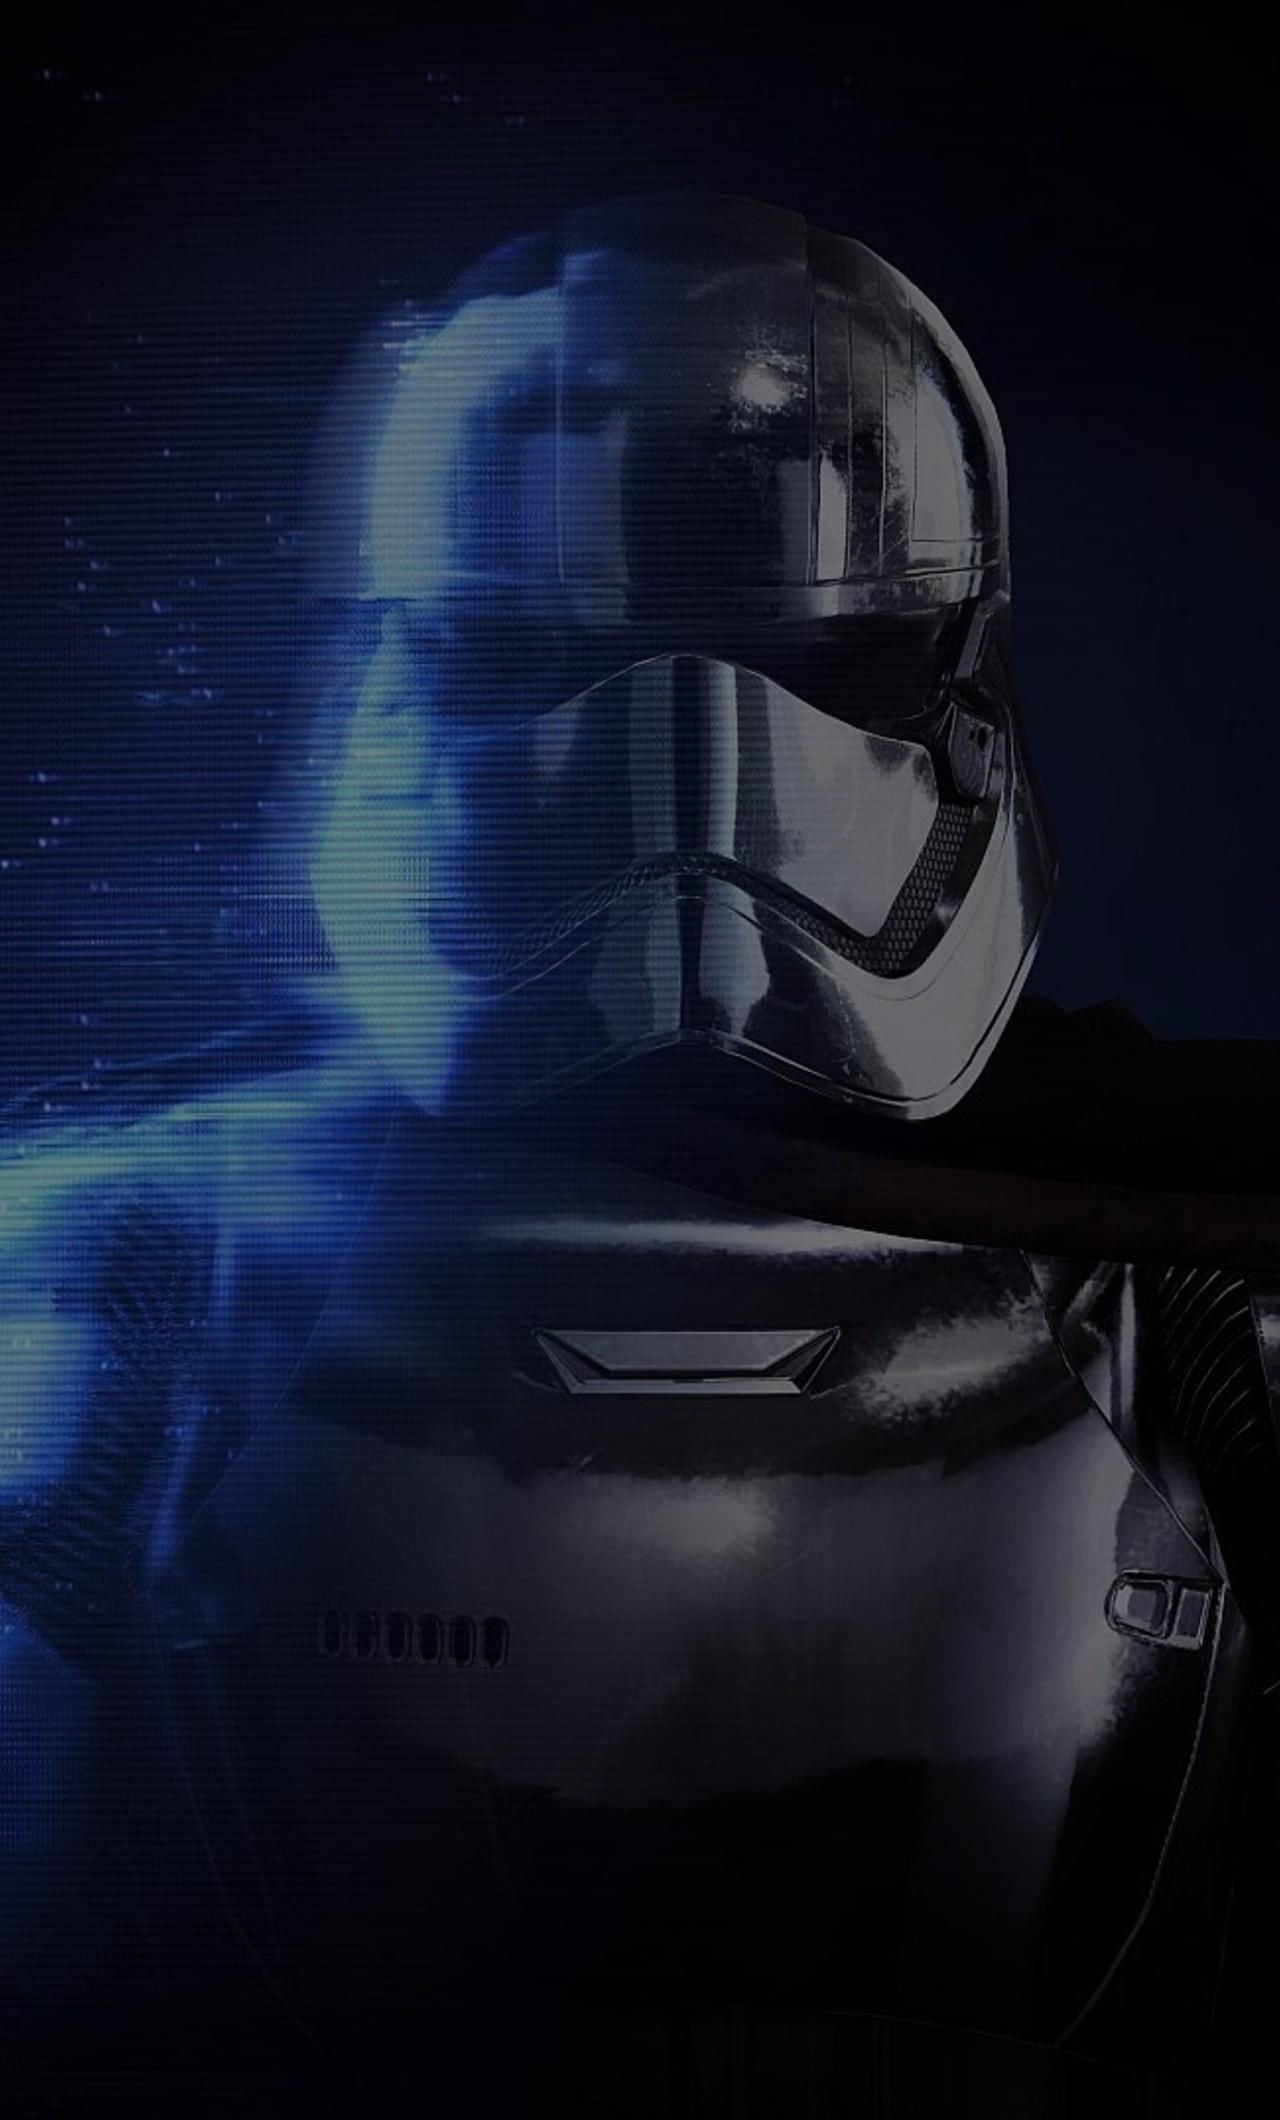 1280x2120 Star Wars Battlefront II The Last Jedi iPhone 6 ...